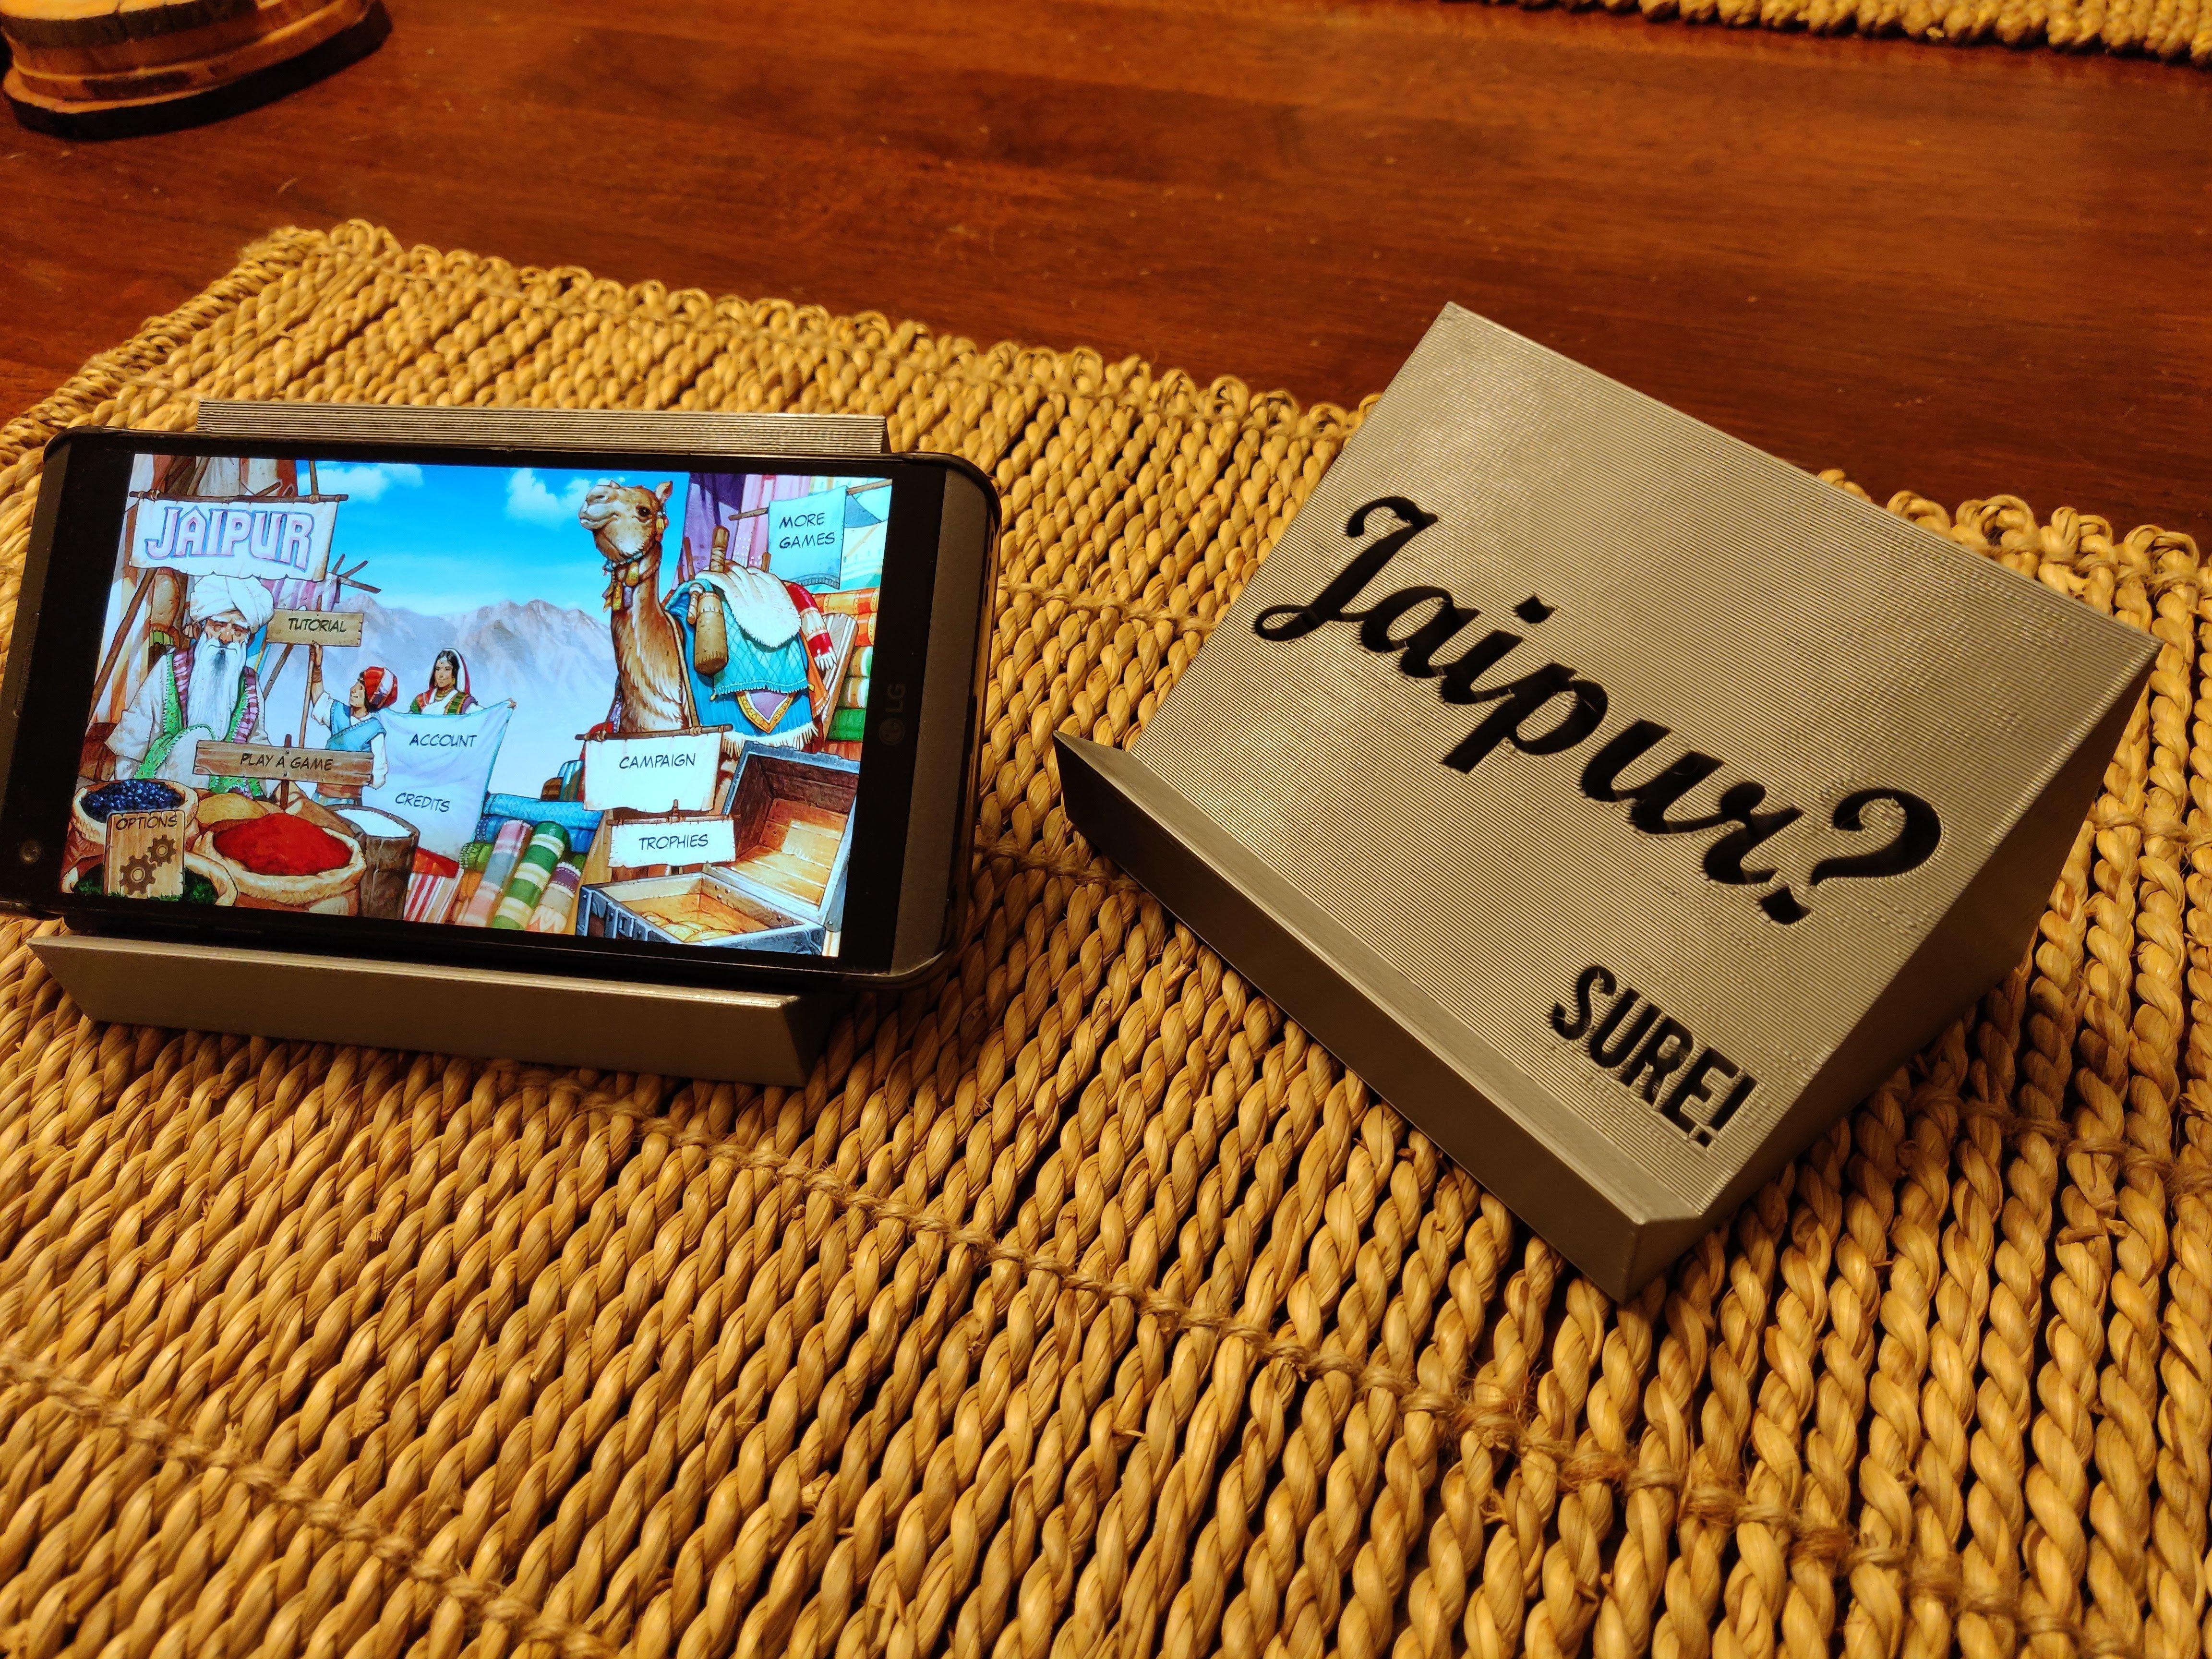 Jaipur Phone Wedge